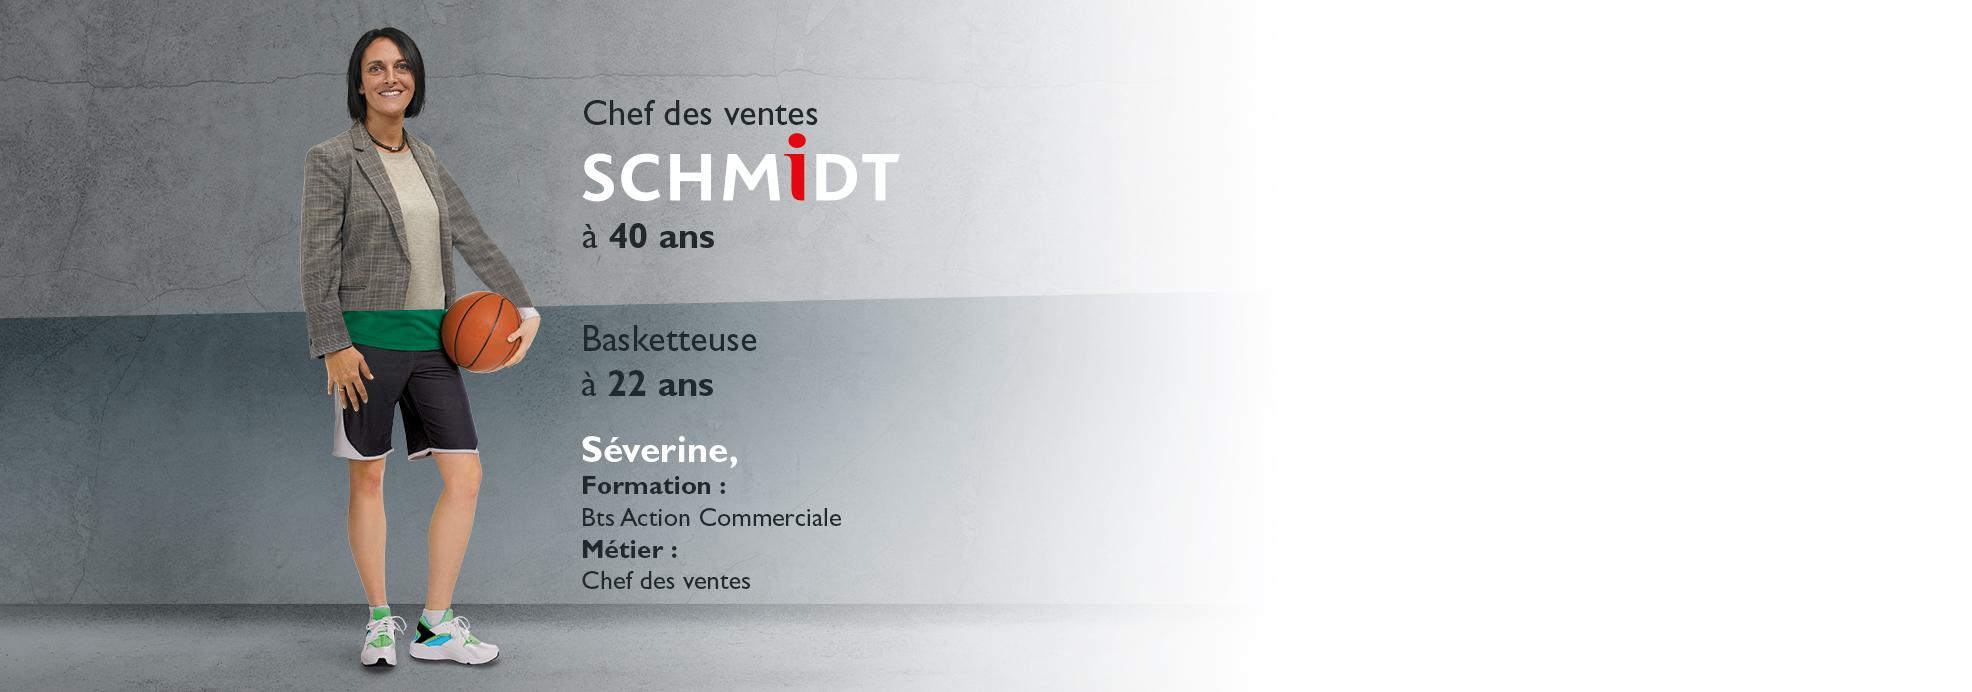 Emploi Schmidt Site De Recrutement Offres D Emplois Candidature